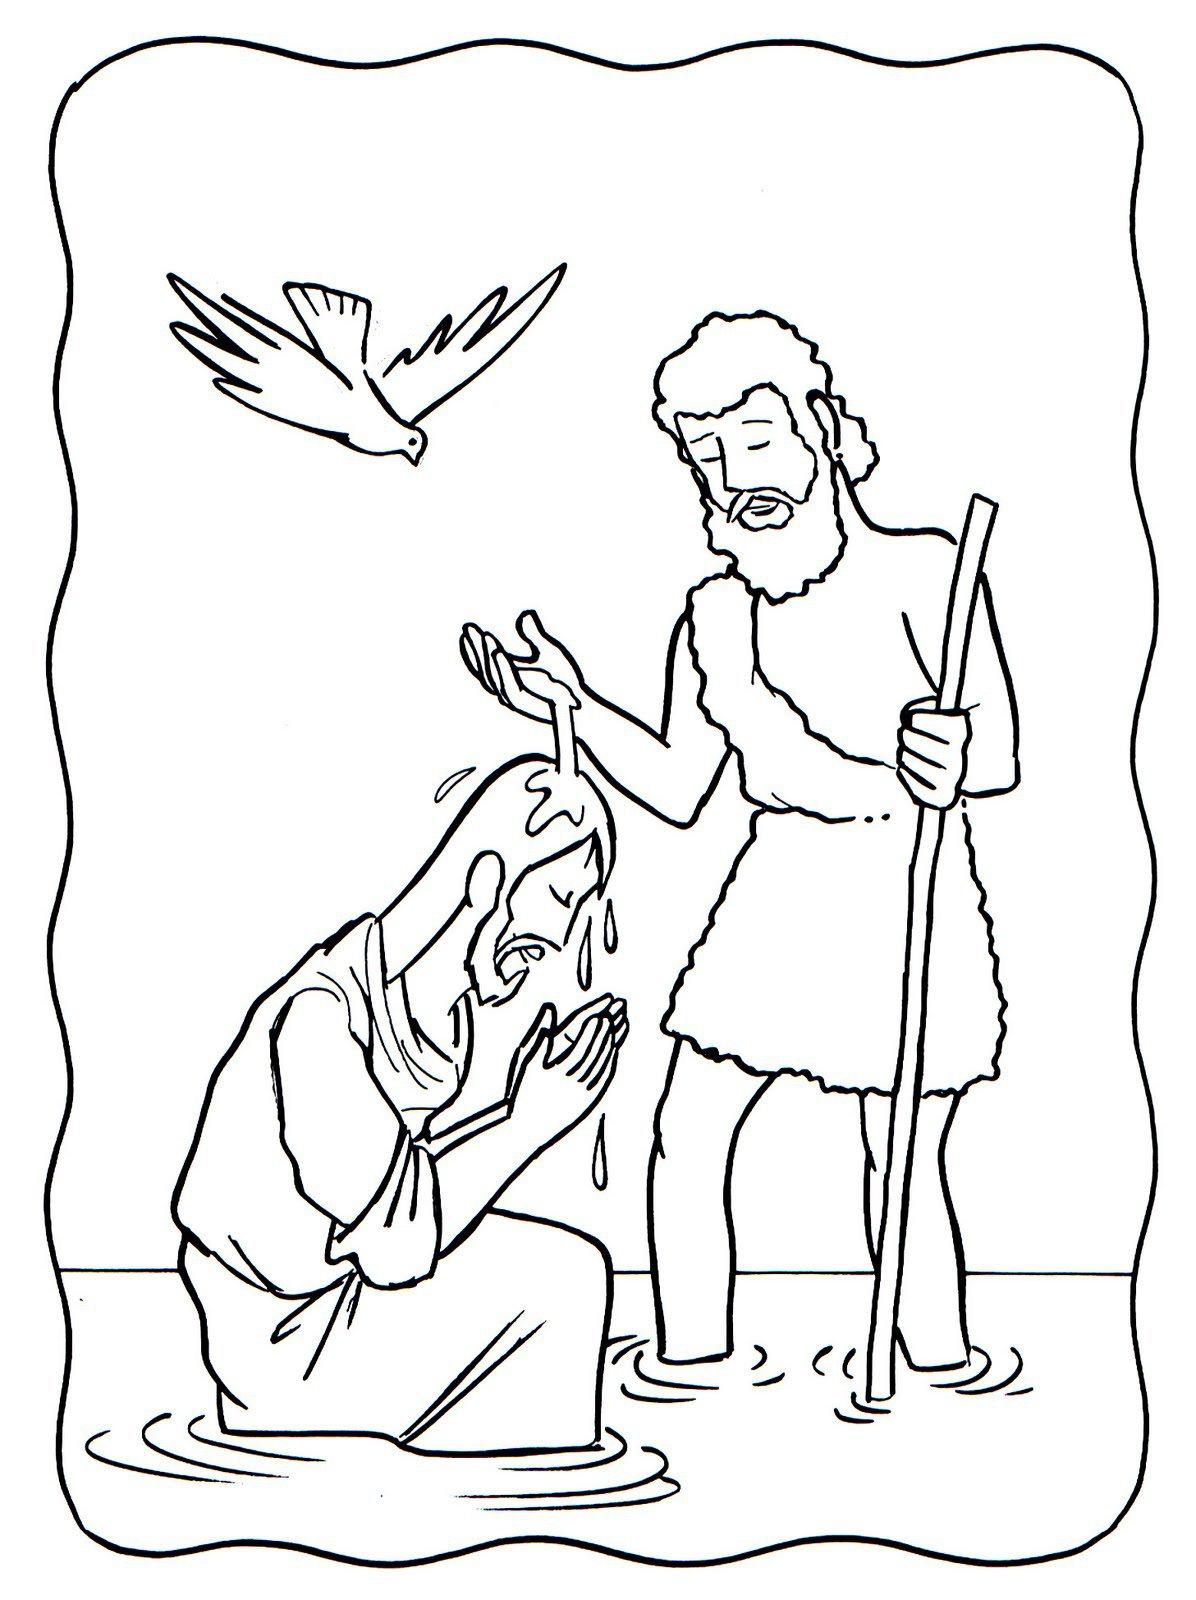 Dibujo Del Bautismo De Jesus Para Pintar Sketch Coloring Page